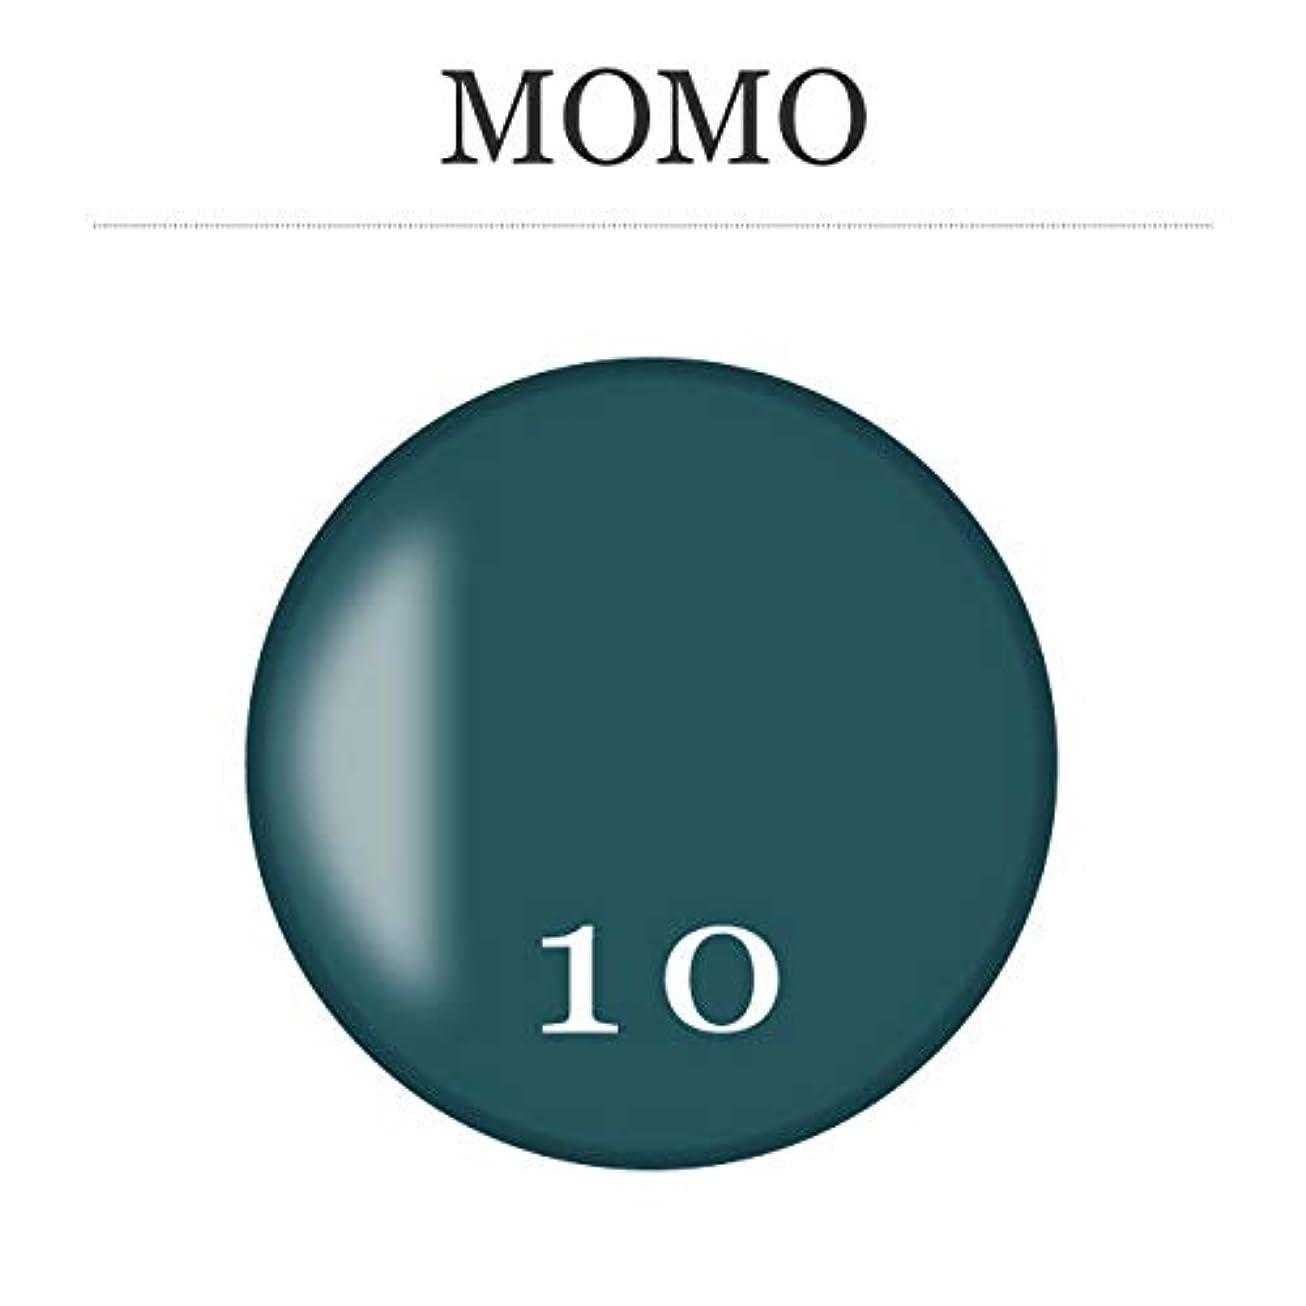 びんアイザック間違いなくカラージェル MOMO-10 by nail for all